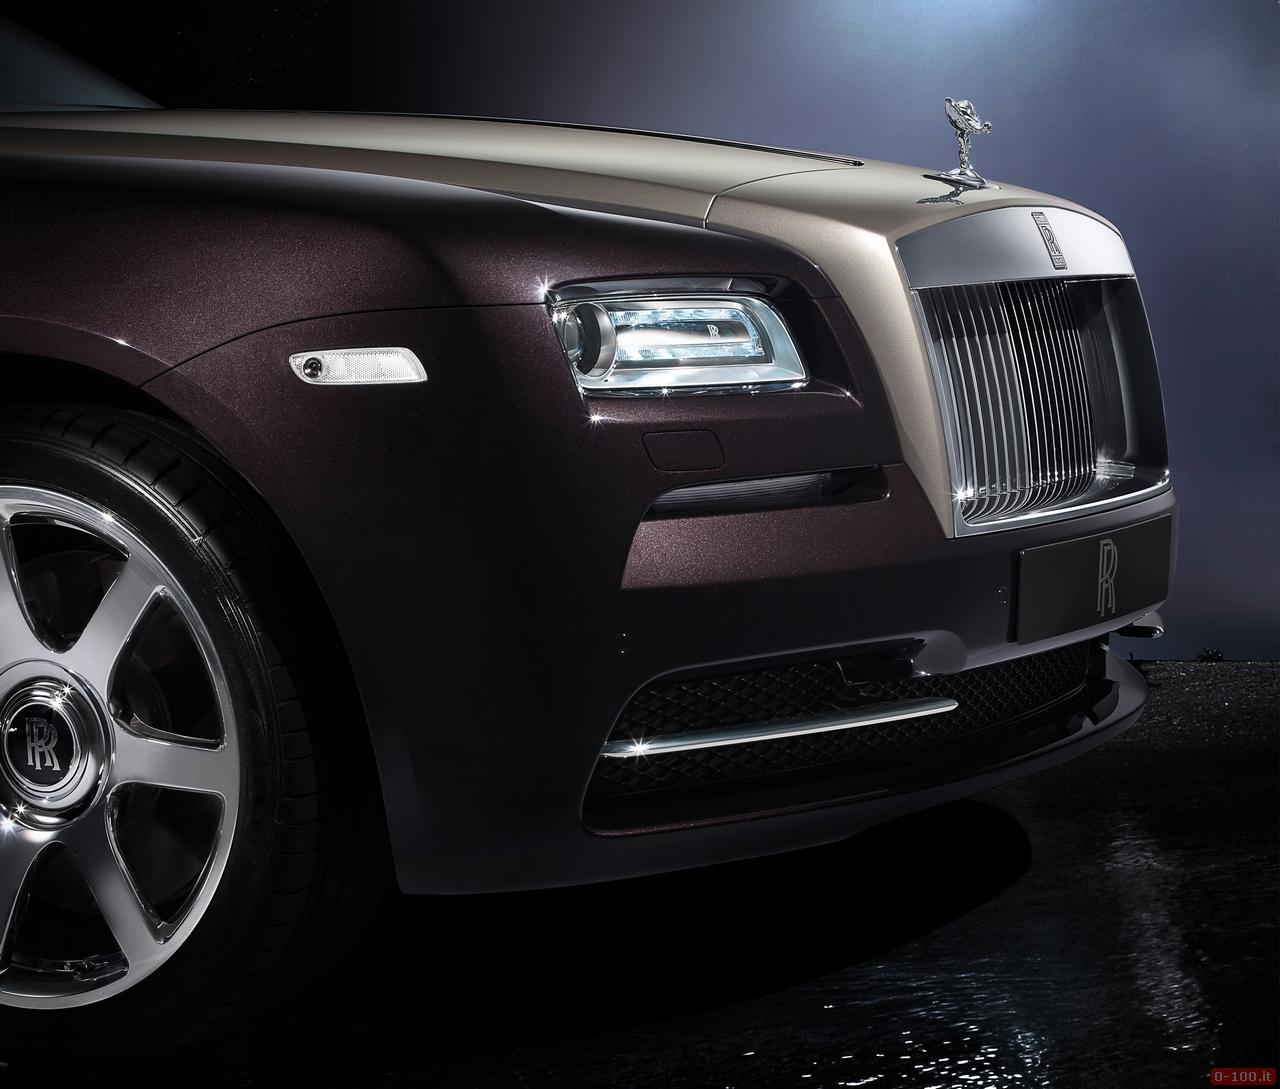 Rolls_Royce_Wraith_0-100 14